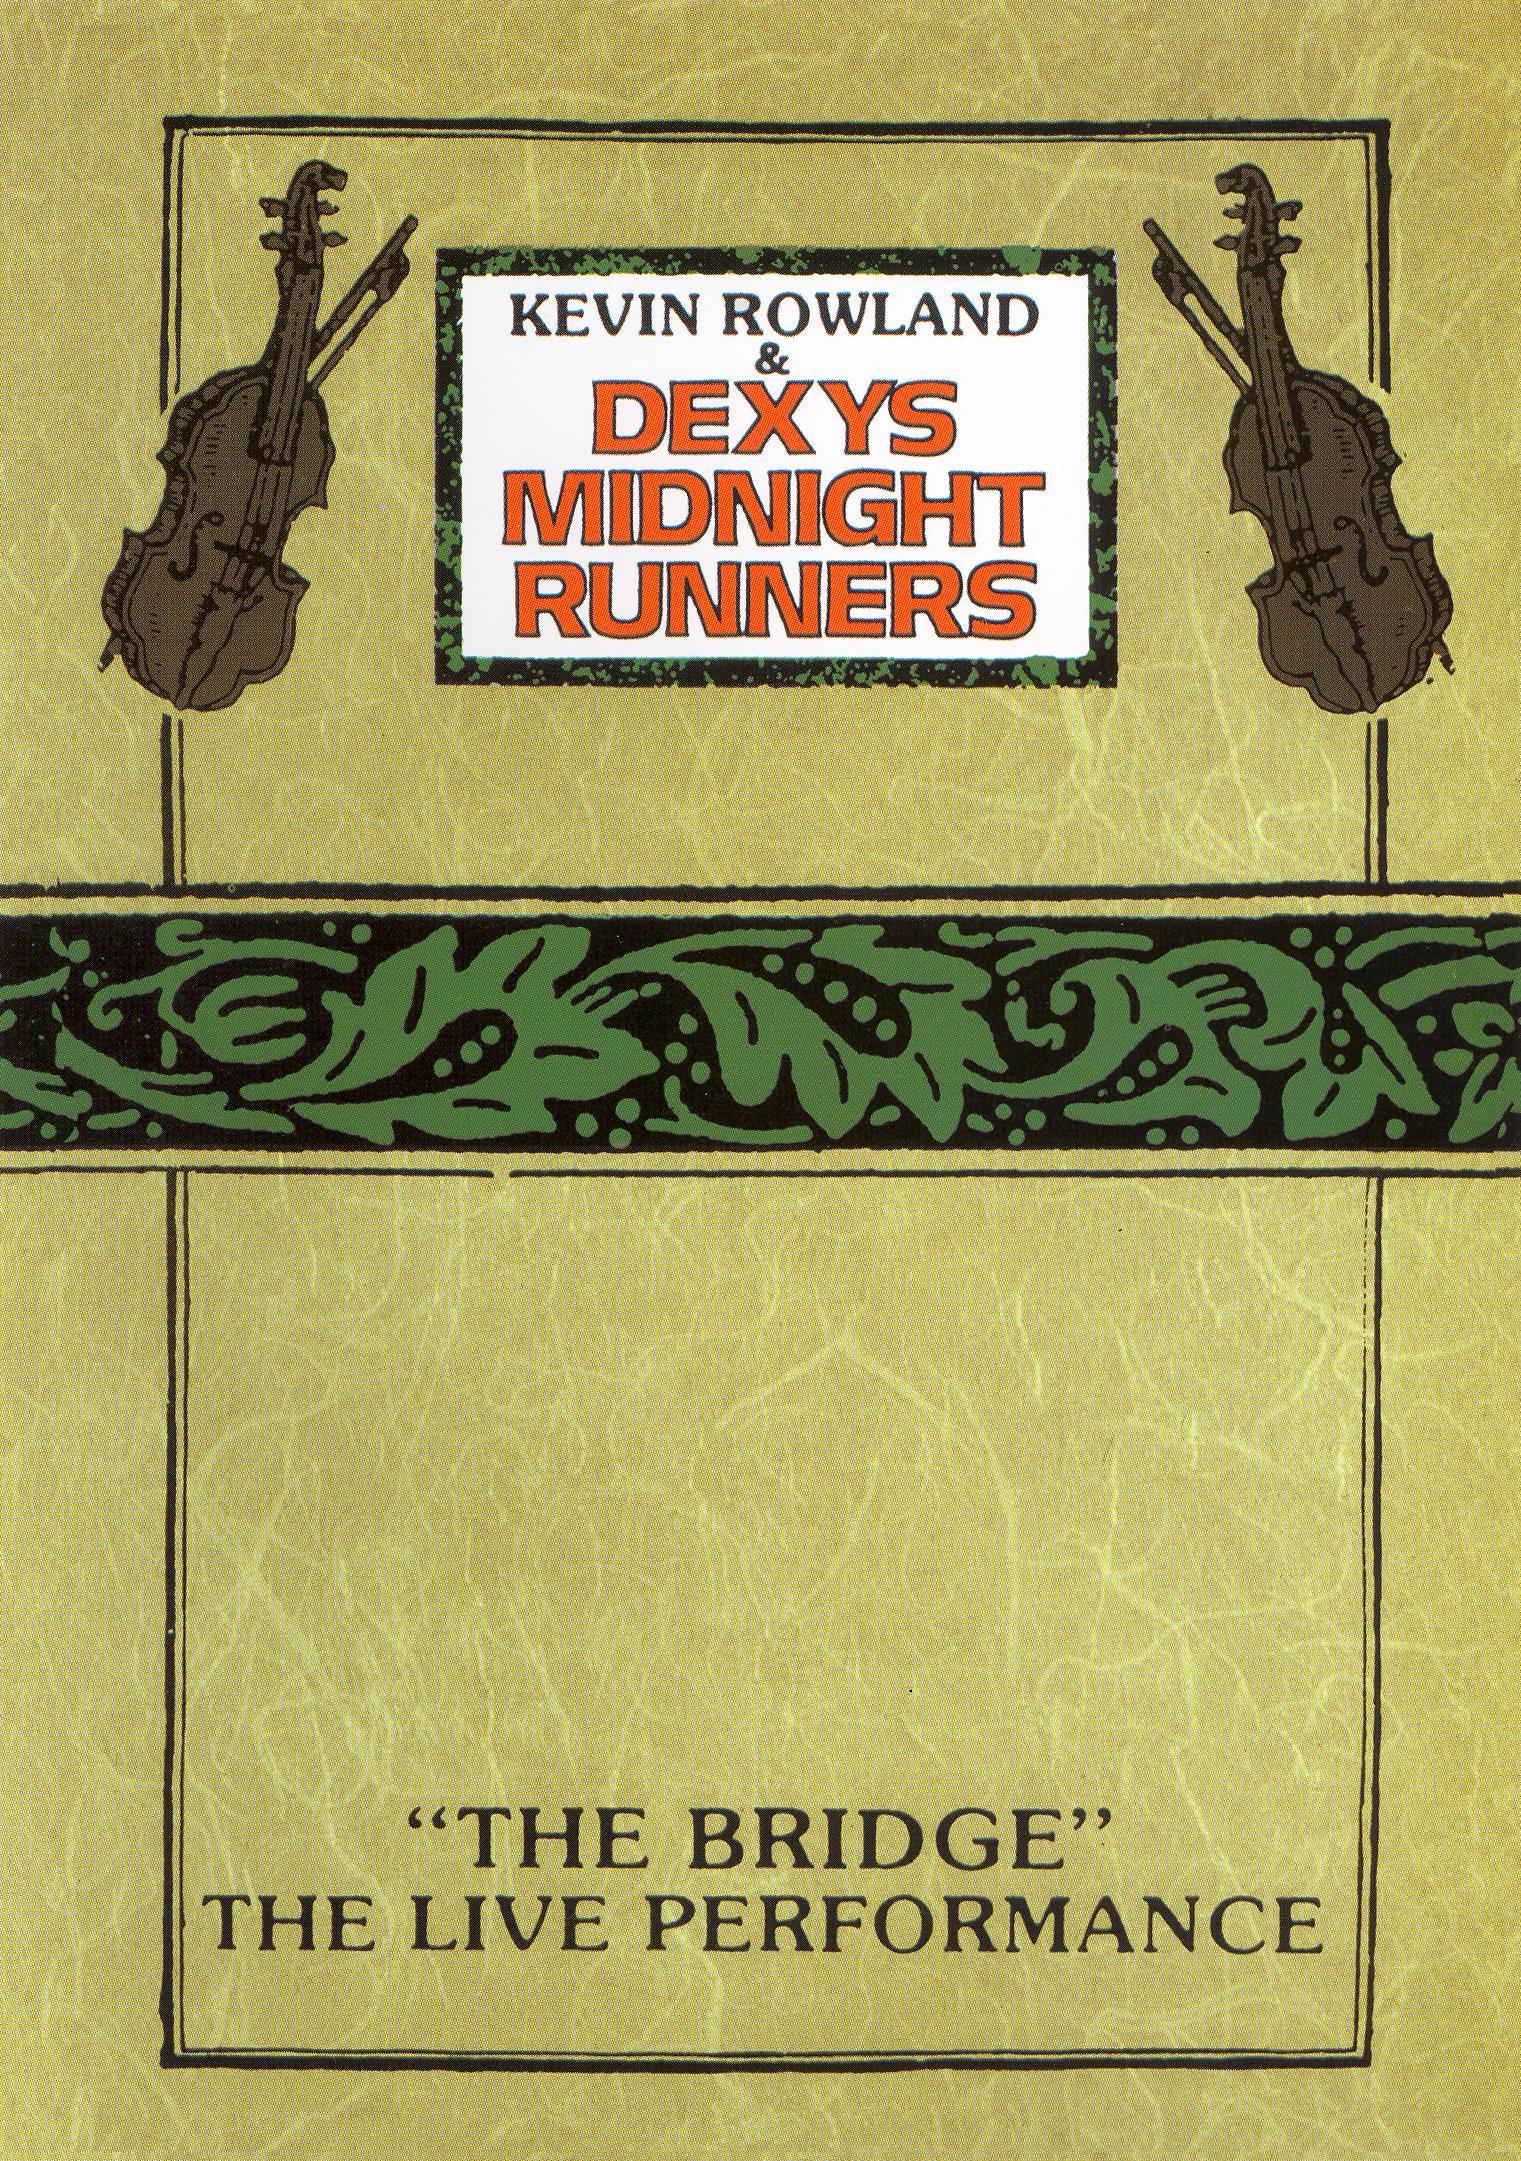 Dexy's Midnight Runners: The Bridge